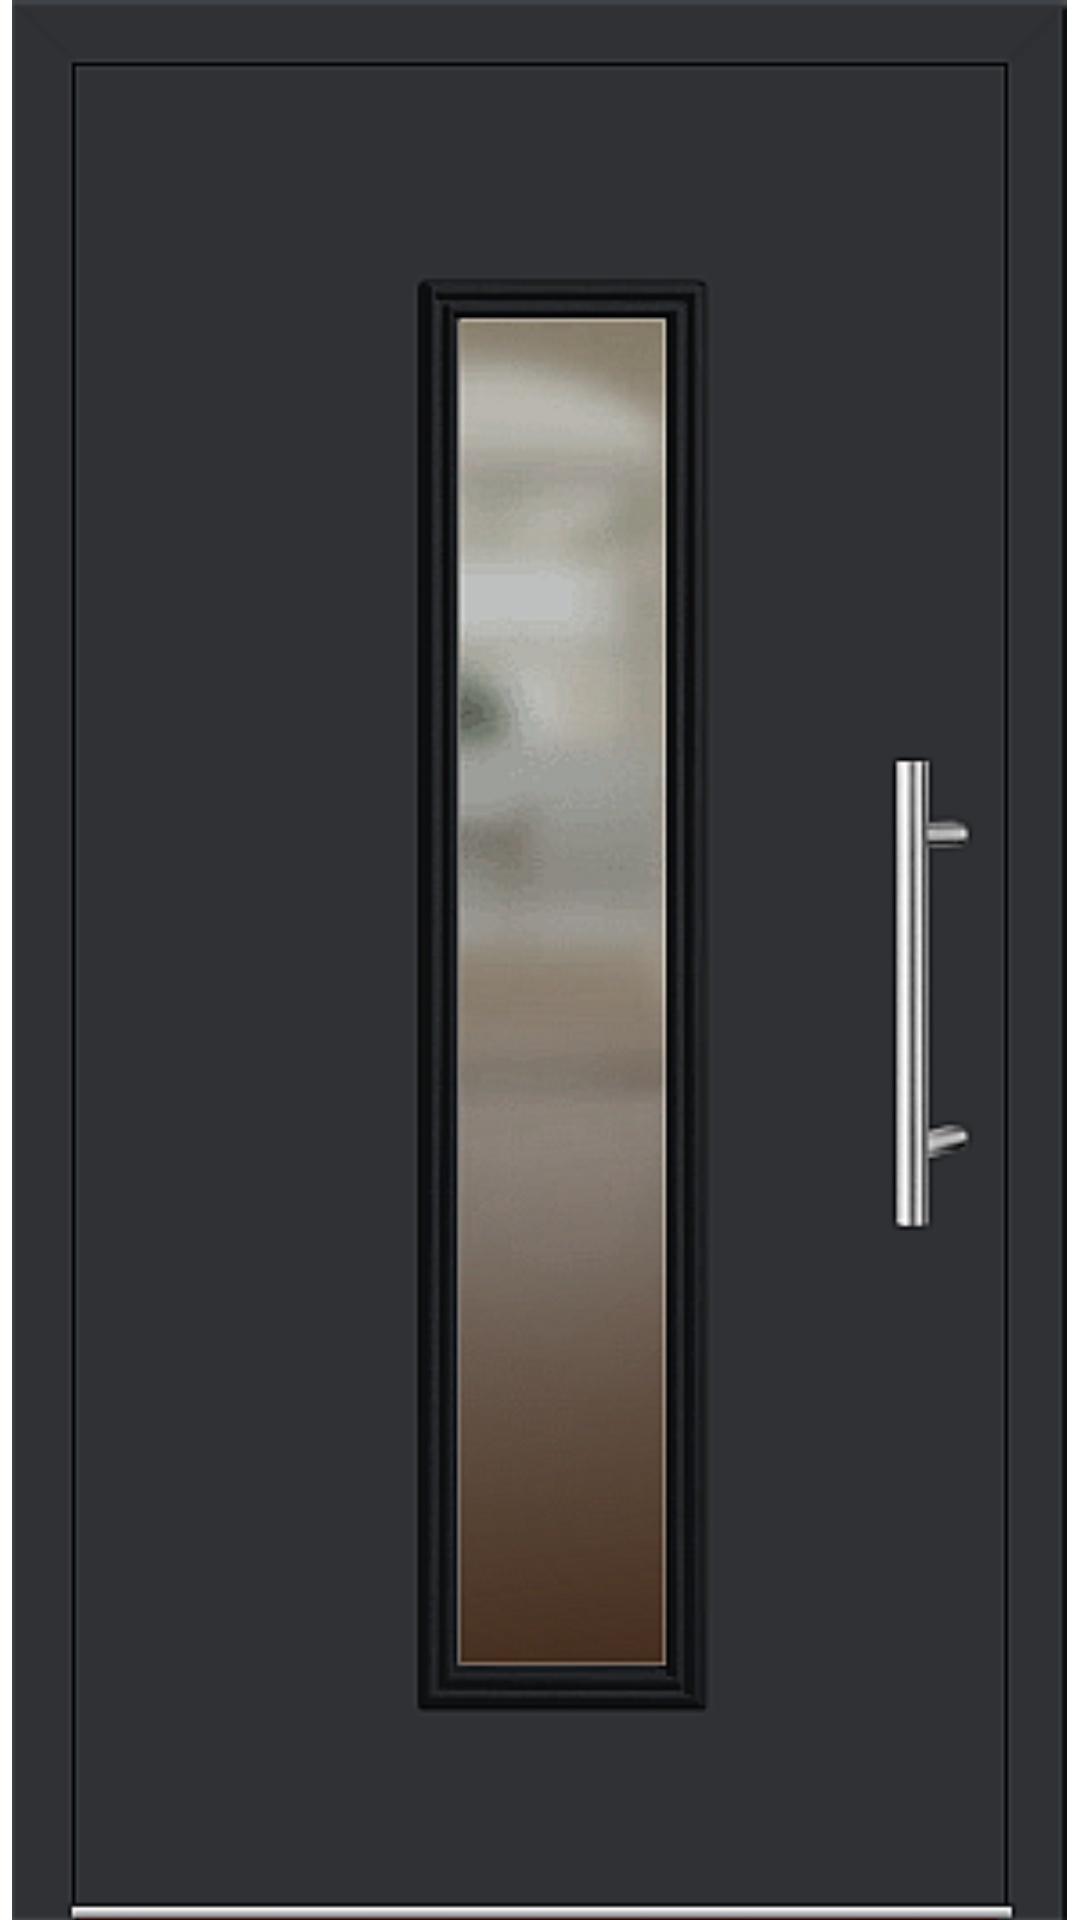 Kunststoff Haustür Modell 6921-60 schwarz